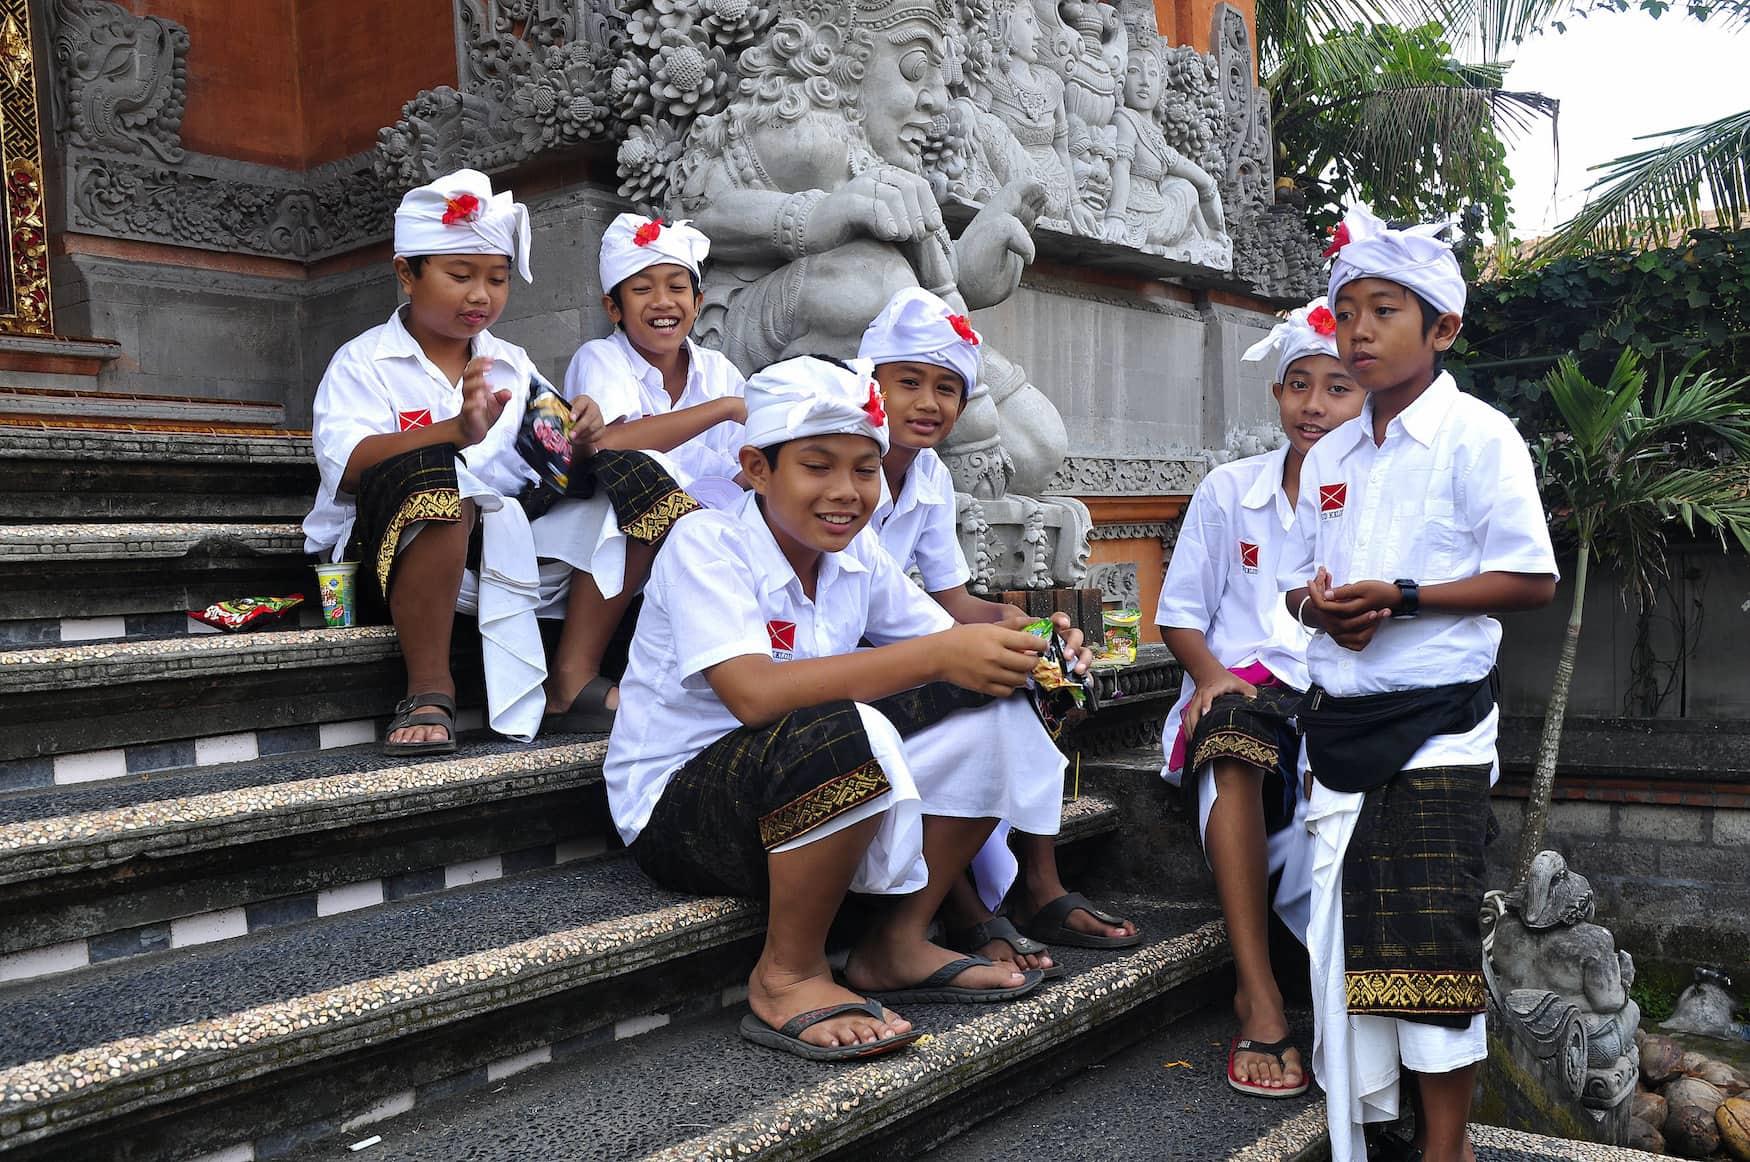 Einheimische Jungs mit typischer Kopfbedeckung, dem Deng, auf Bali